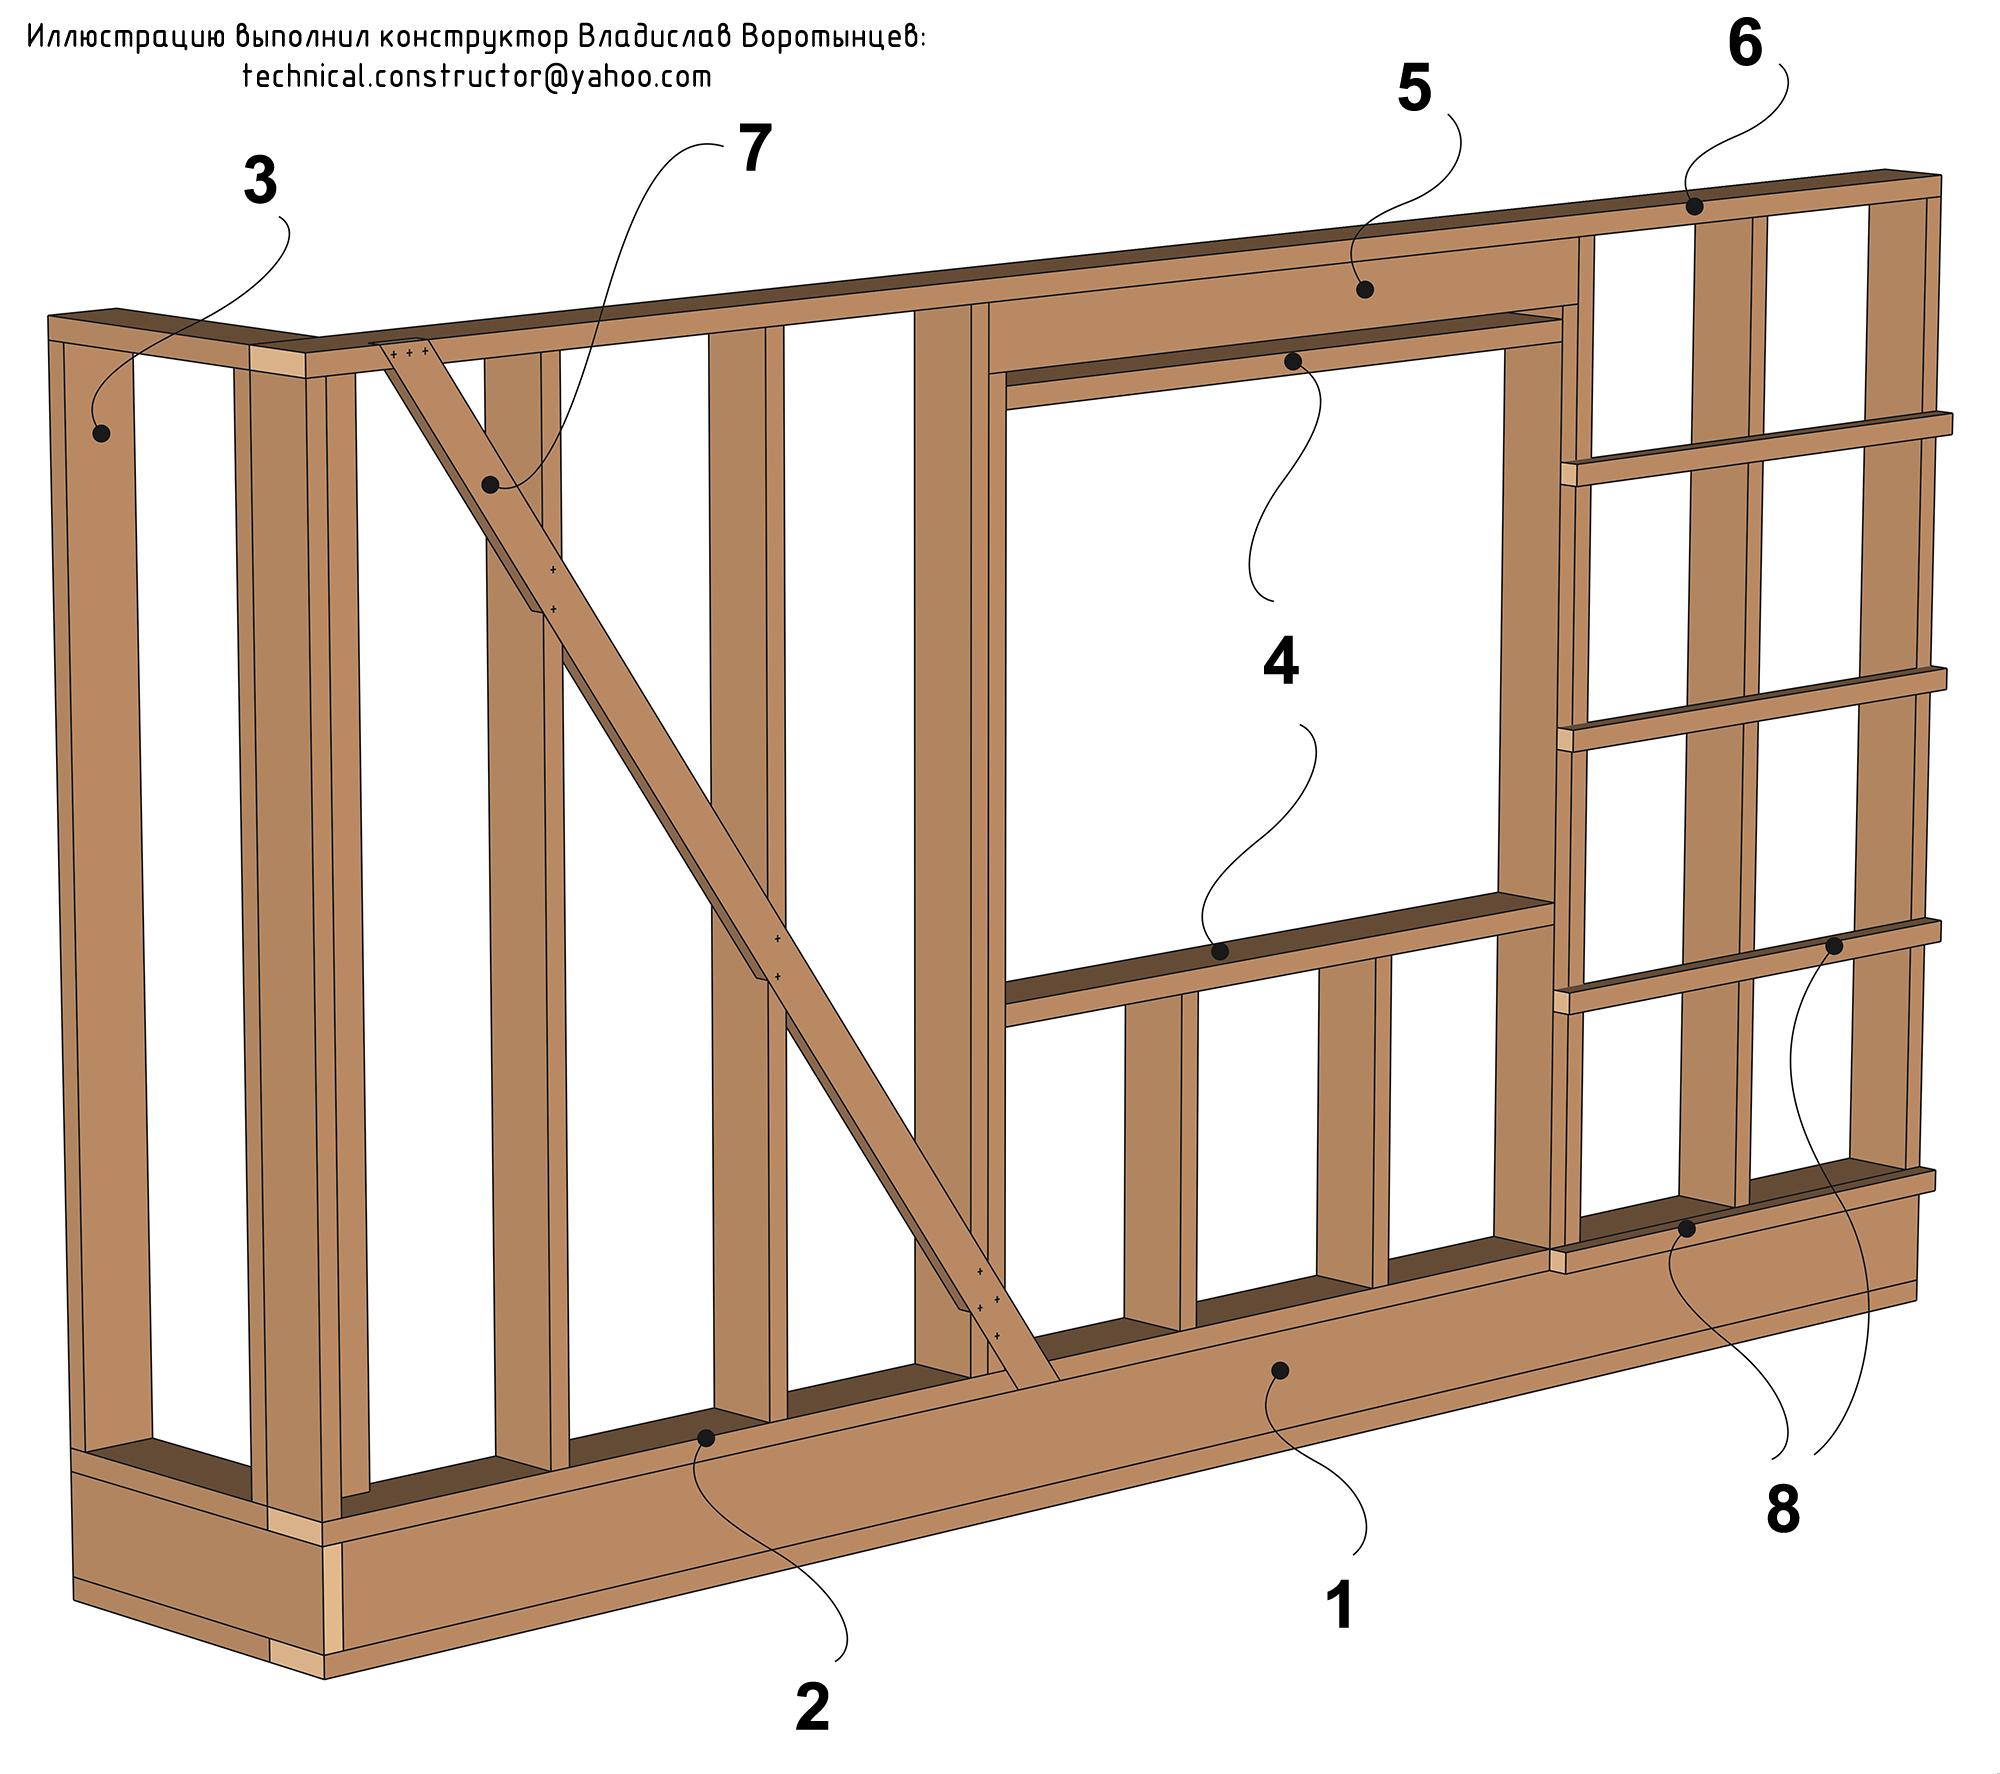 9.3 Конструкция деревянного каркаса стены – наименования деталей. Деревянные каркасы стен по норвежской технологии